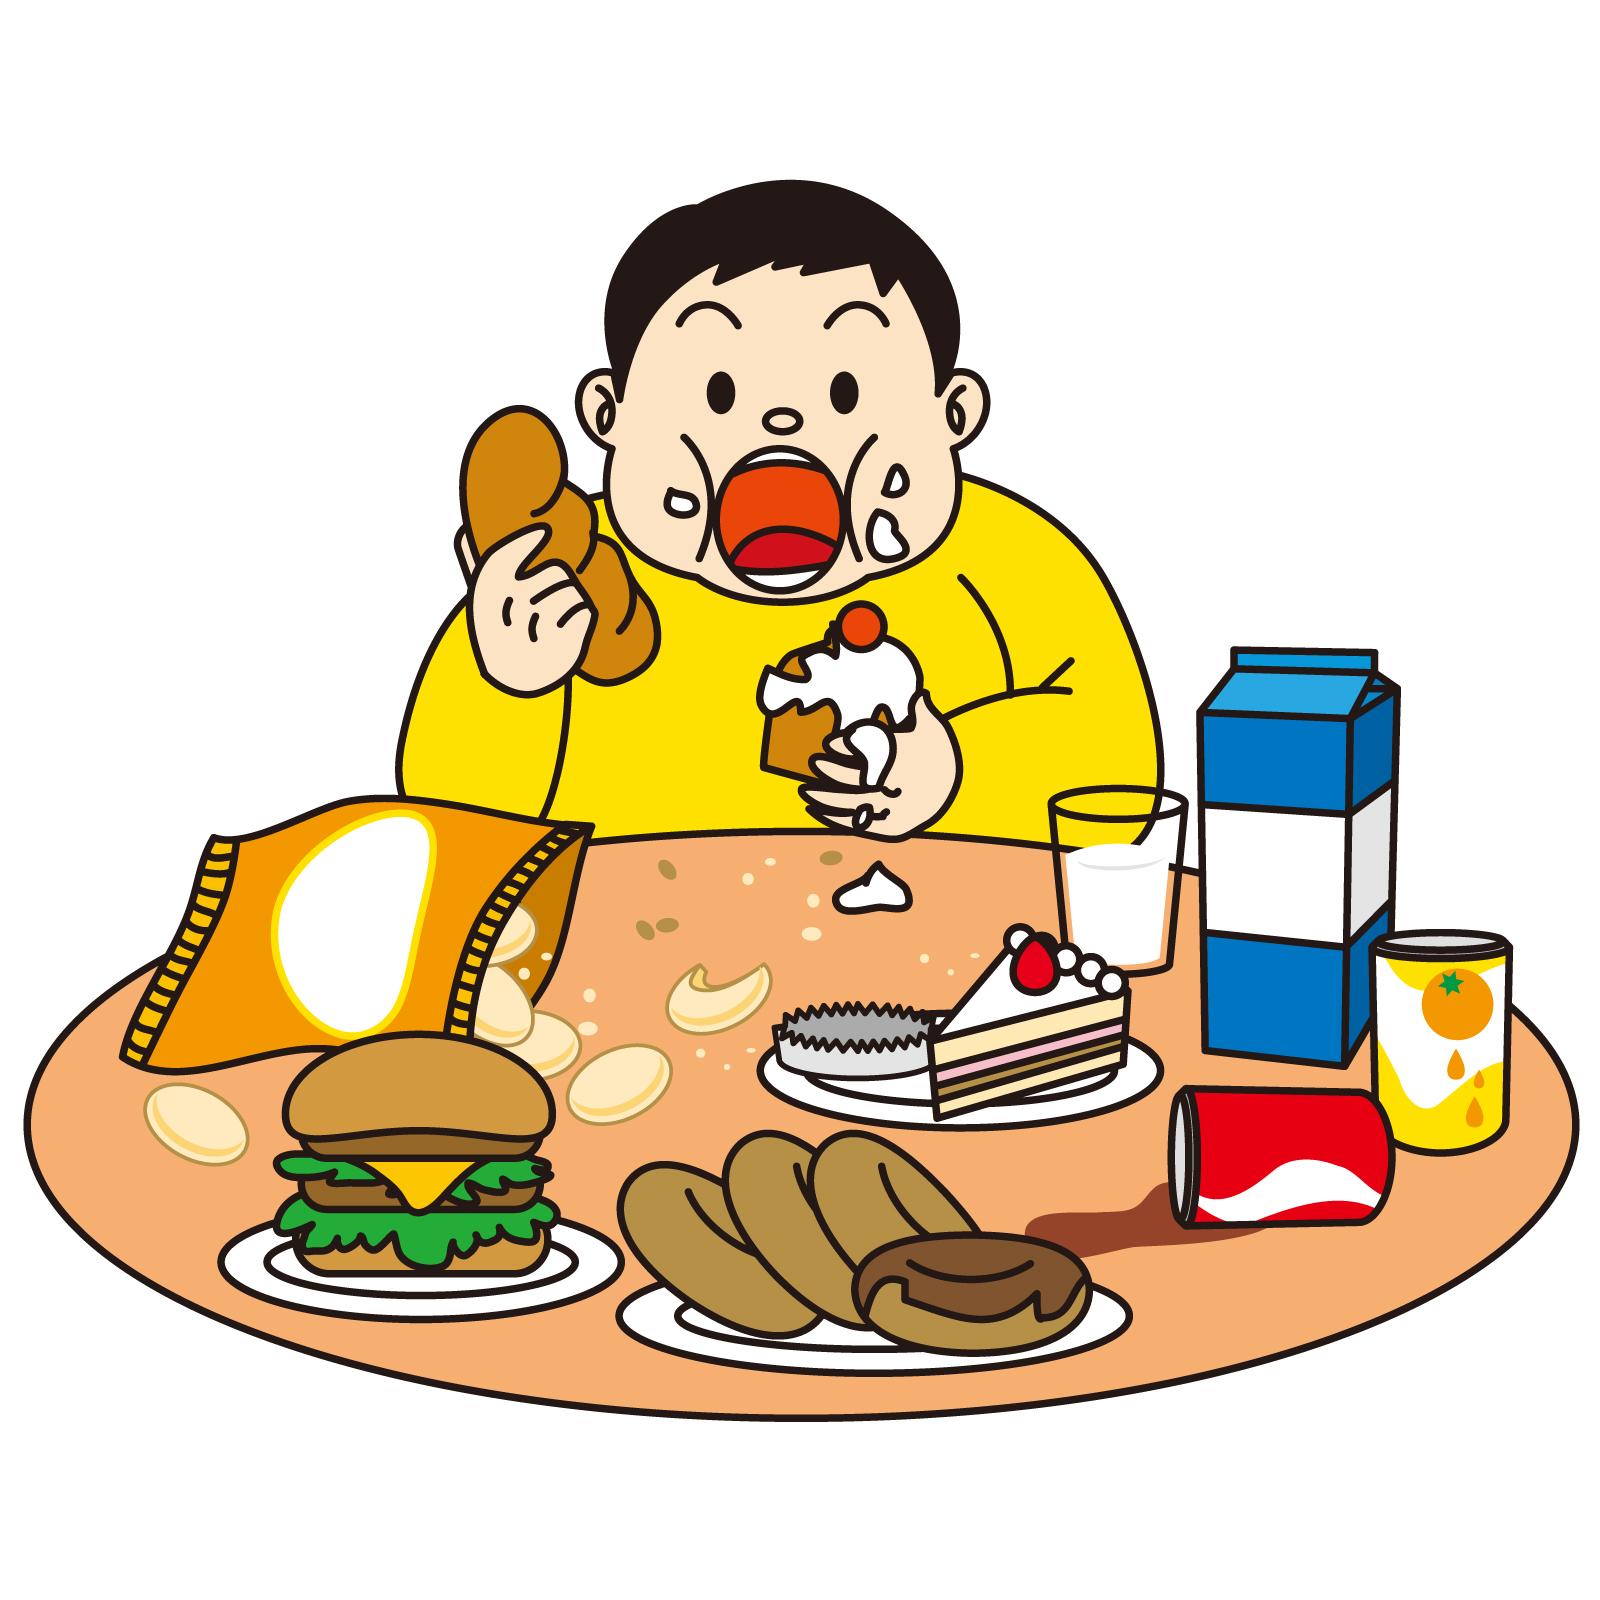 糖質制限ダイエット2ヶ月で5キロ痩せたのにリバウンドした理由